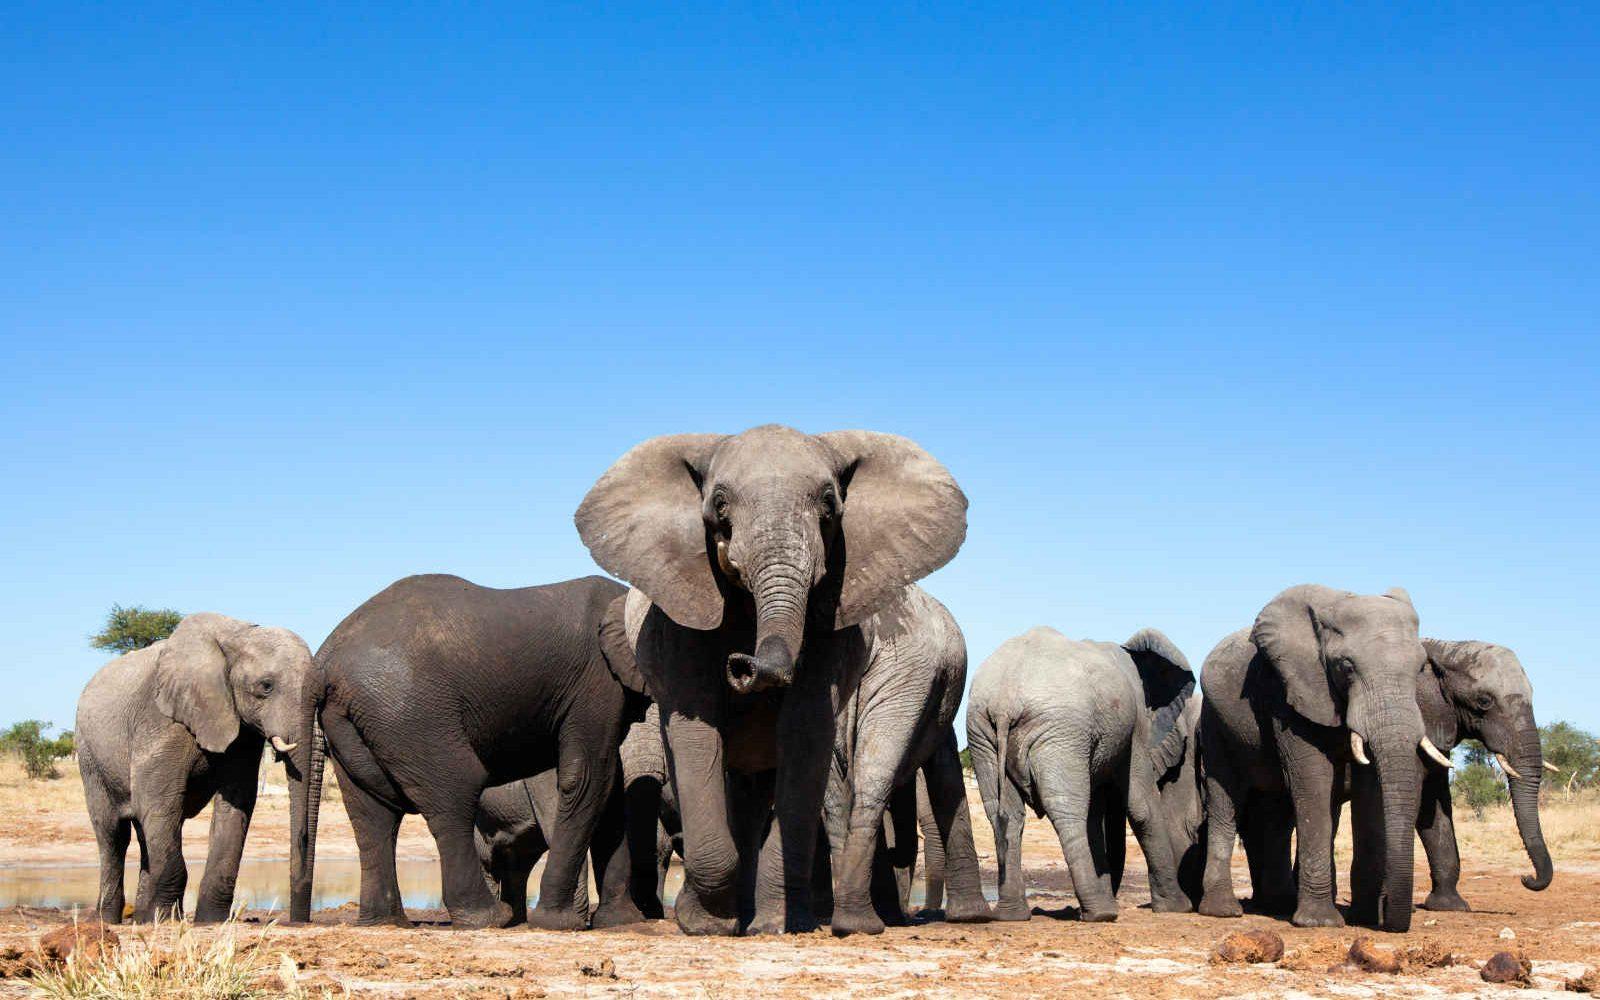 Harde d'éléphants, Afrique